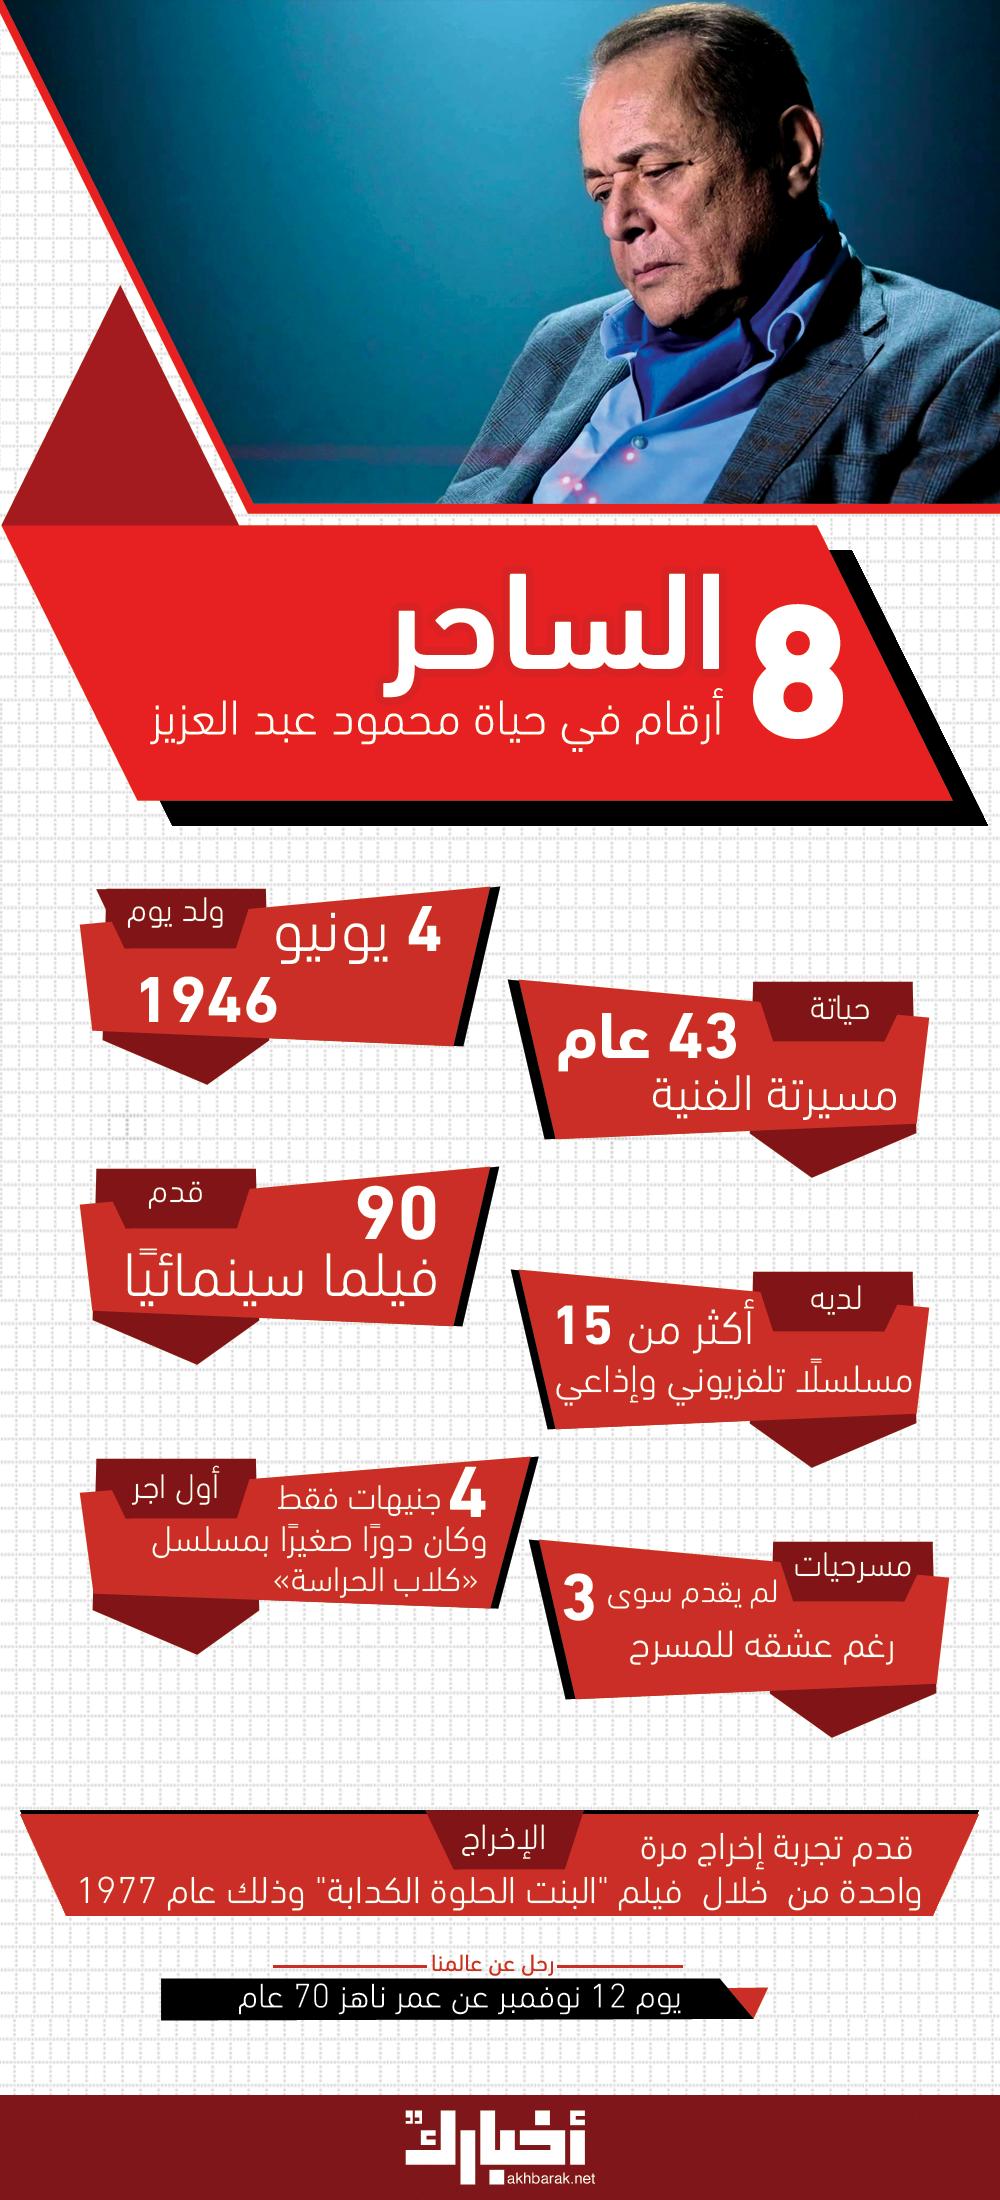 8 أرقام في حياة الساحر محمود عبد العزيز